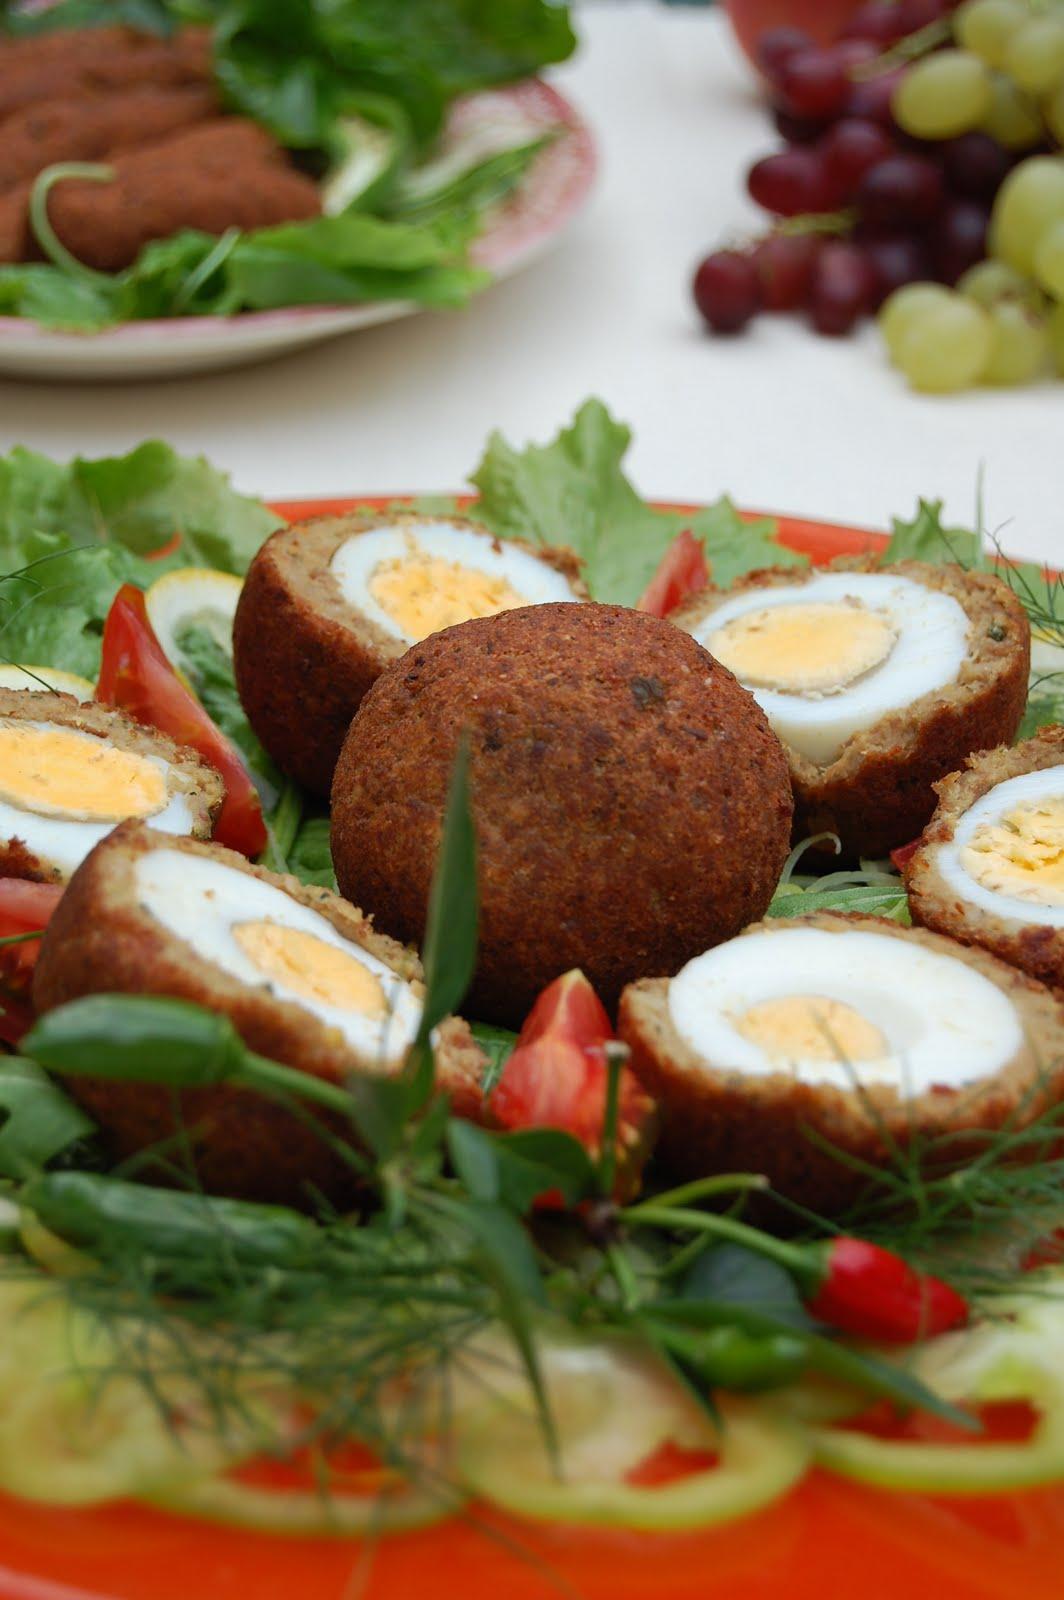 پاک کله پاچه با جوش شیرین Afghan Cooking آشپزی افغانی